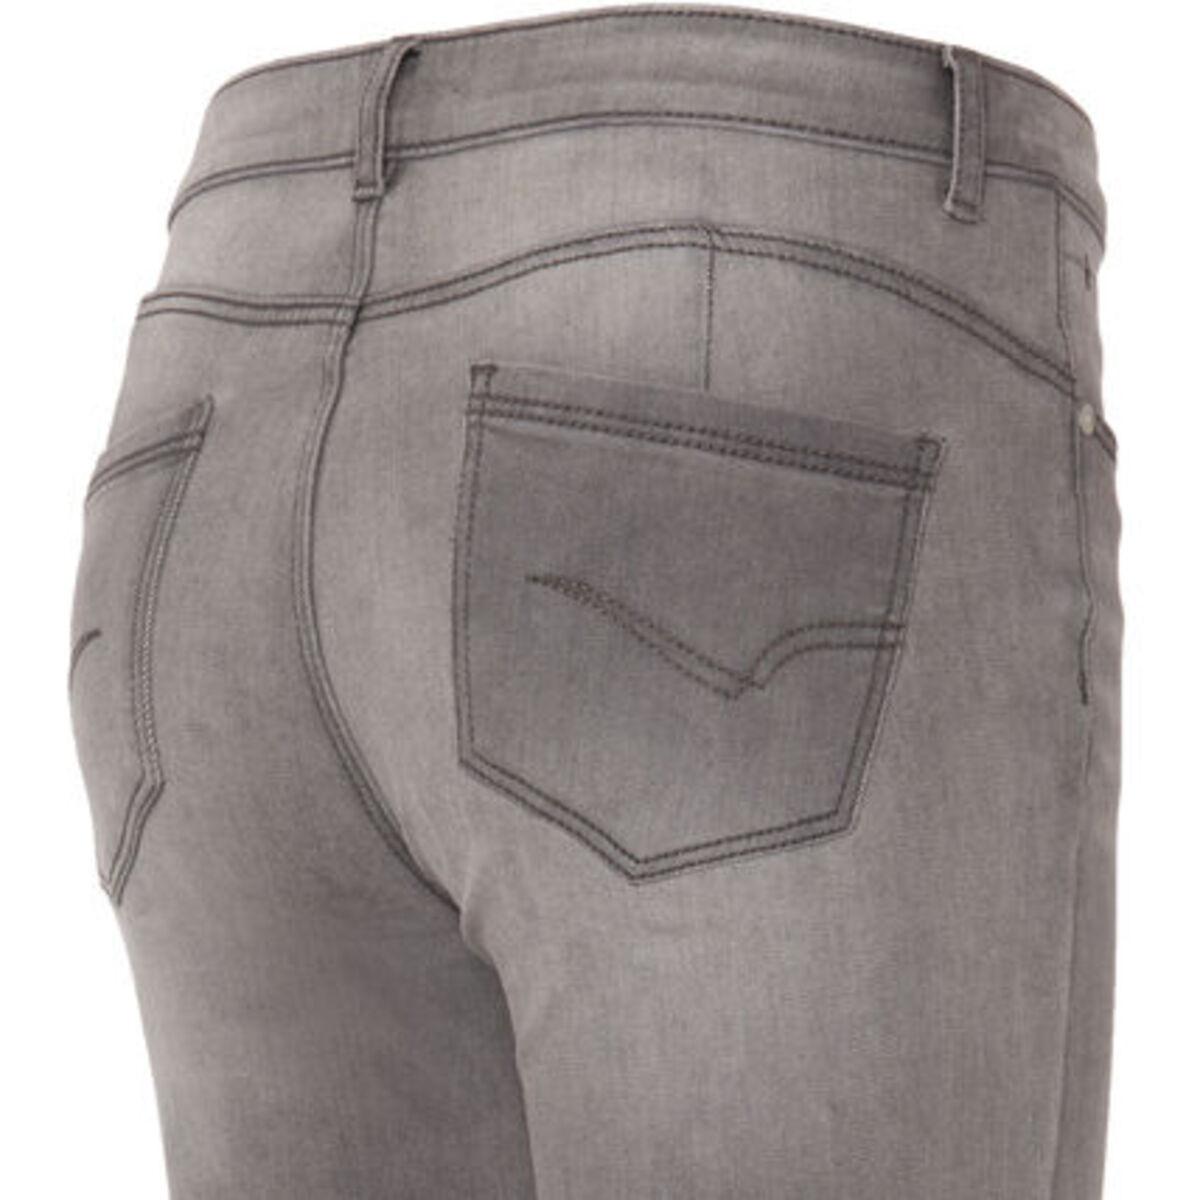 Bild 4 von MANGUUN Jeans, Slim Fit, destroyed-Look, für Damen